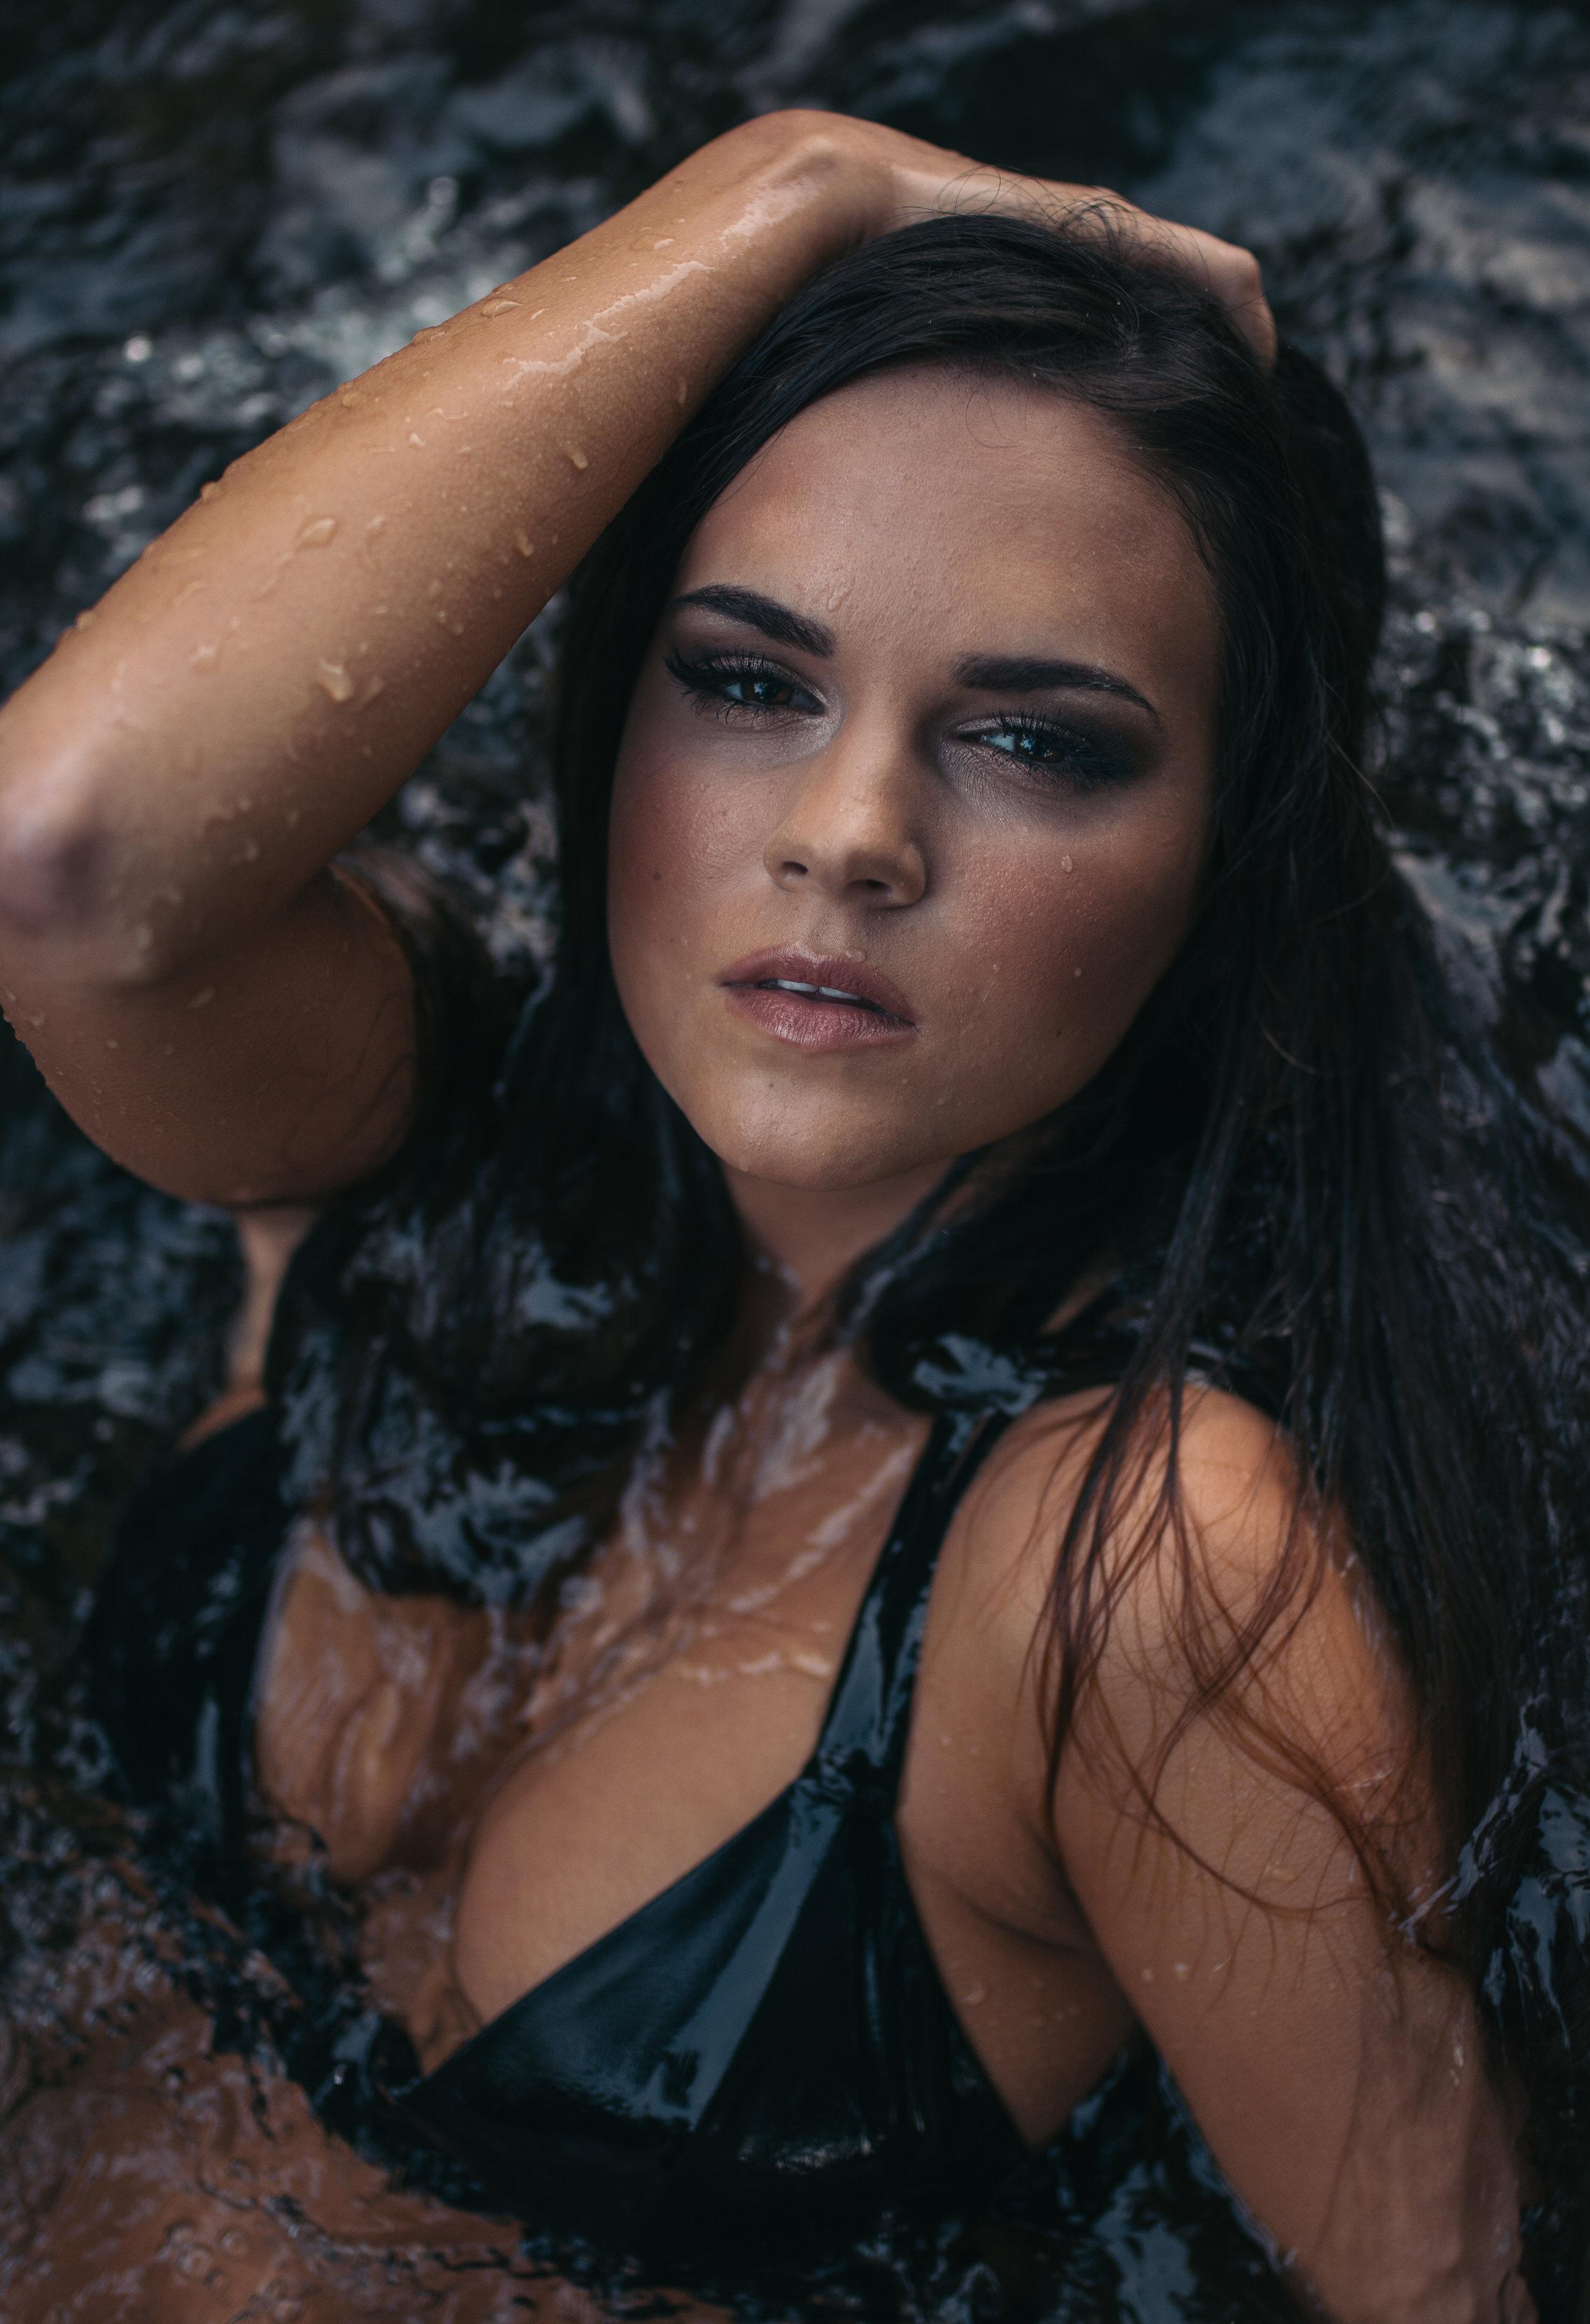 ChristineTate_StylizedSession_IndianaLifestylePhotographer_SamanthaRosePhotography_-132.jpg